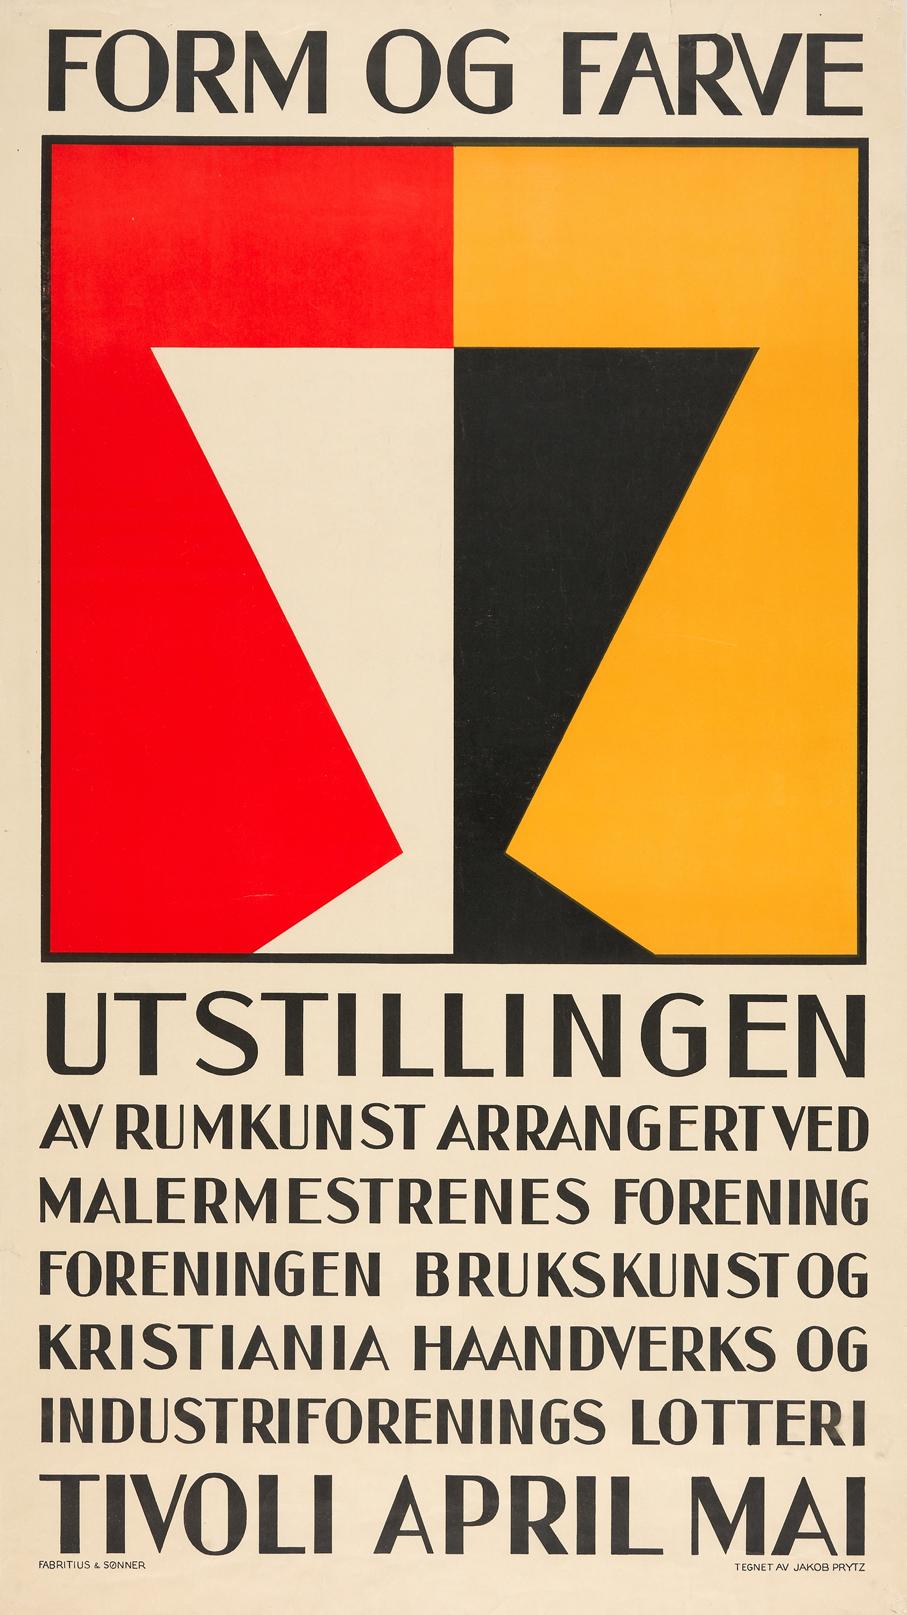 Jacob Prytz. Plakat til Form og Farve Utstillingen. Trykket ved Fabritius & Sønner. (Foto: Nasjonalmuseet)